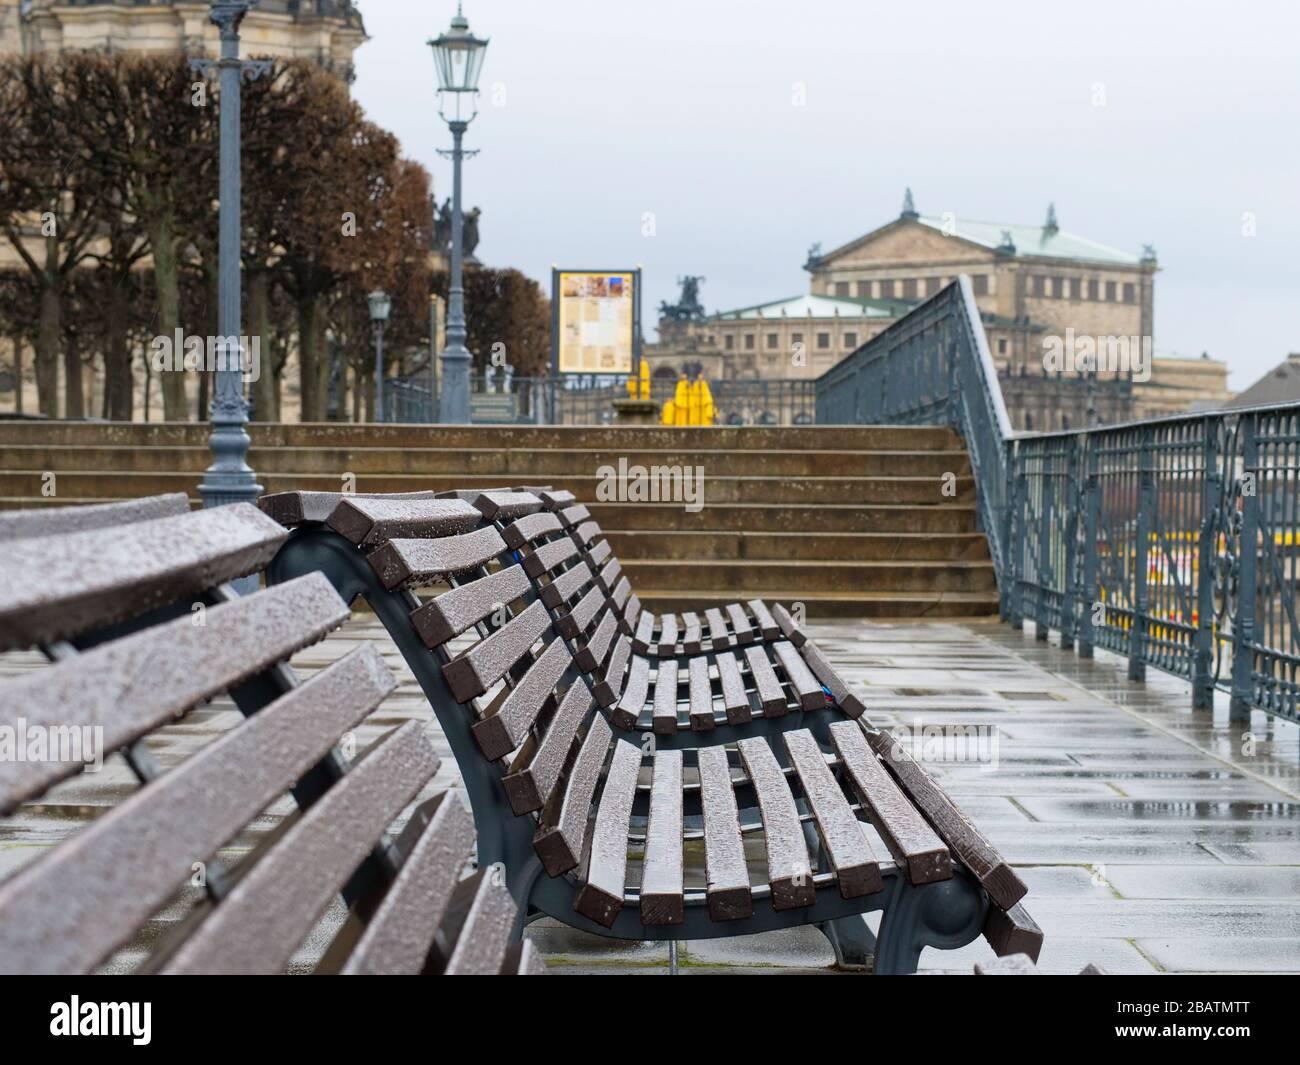 Leere Parkbänke auf der Brühlschen Terrasse in Dresden während Coronavirus Lockdown und Regen historische Altstadt Regenwetter Brühl-Terrasse Stock Photo